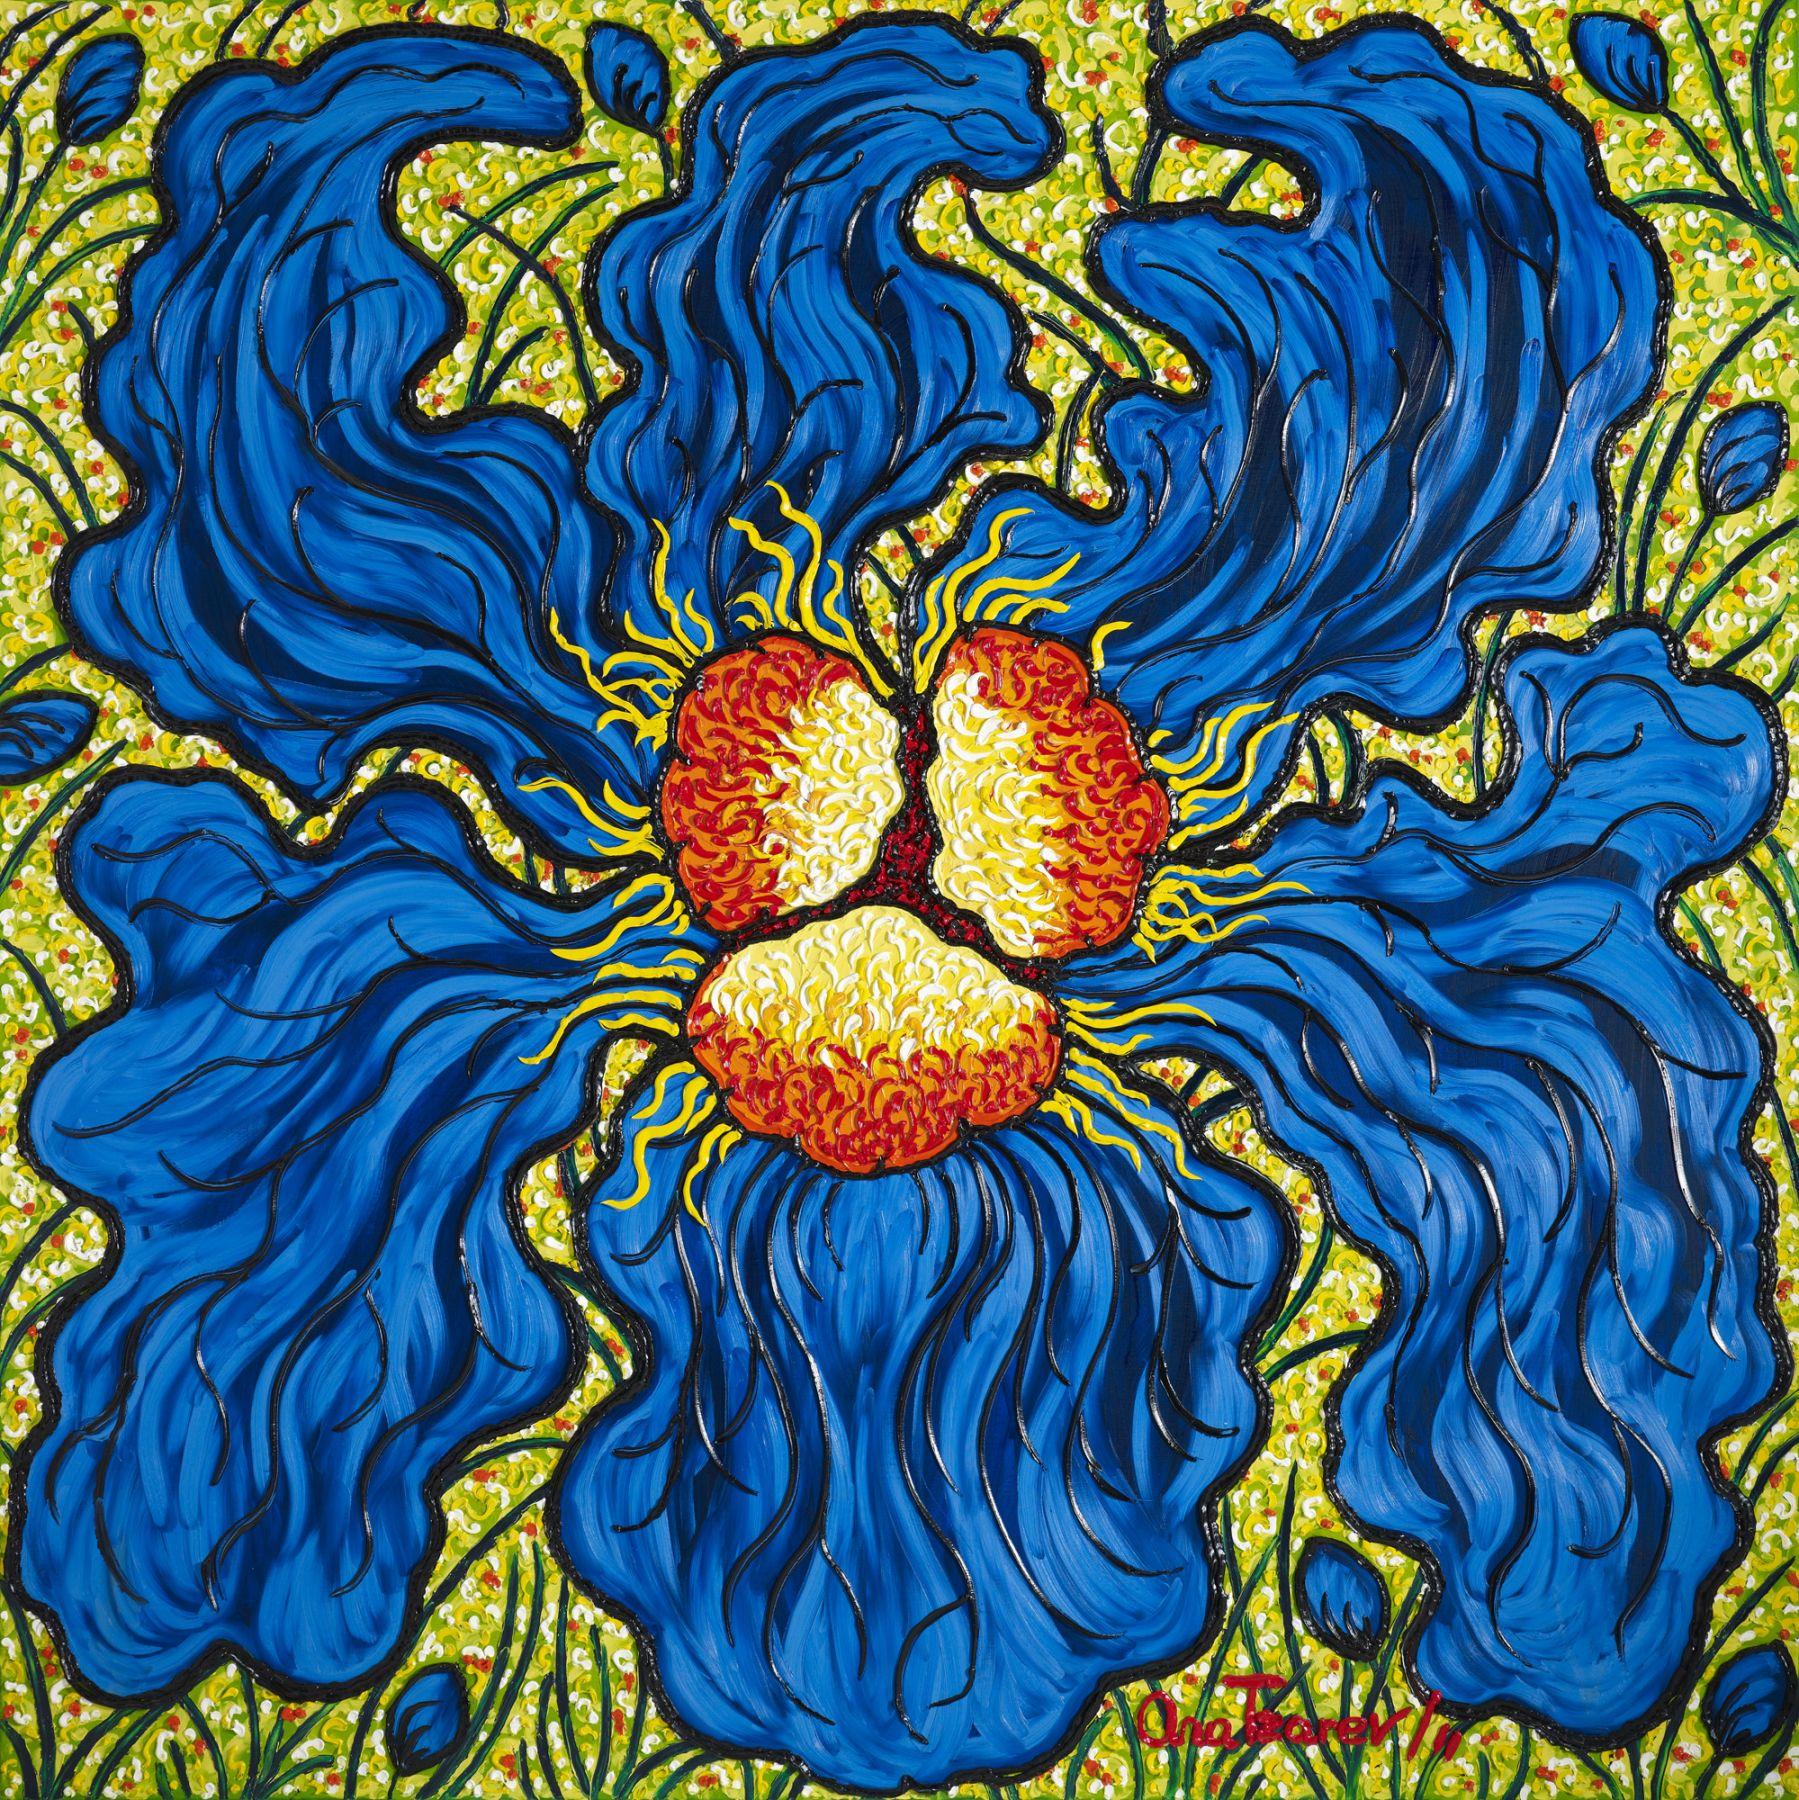 Fantasia (Iris) (Garden La Fleur du Cap), 2011 - 4172